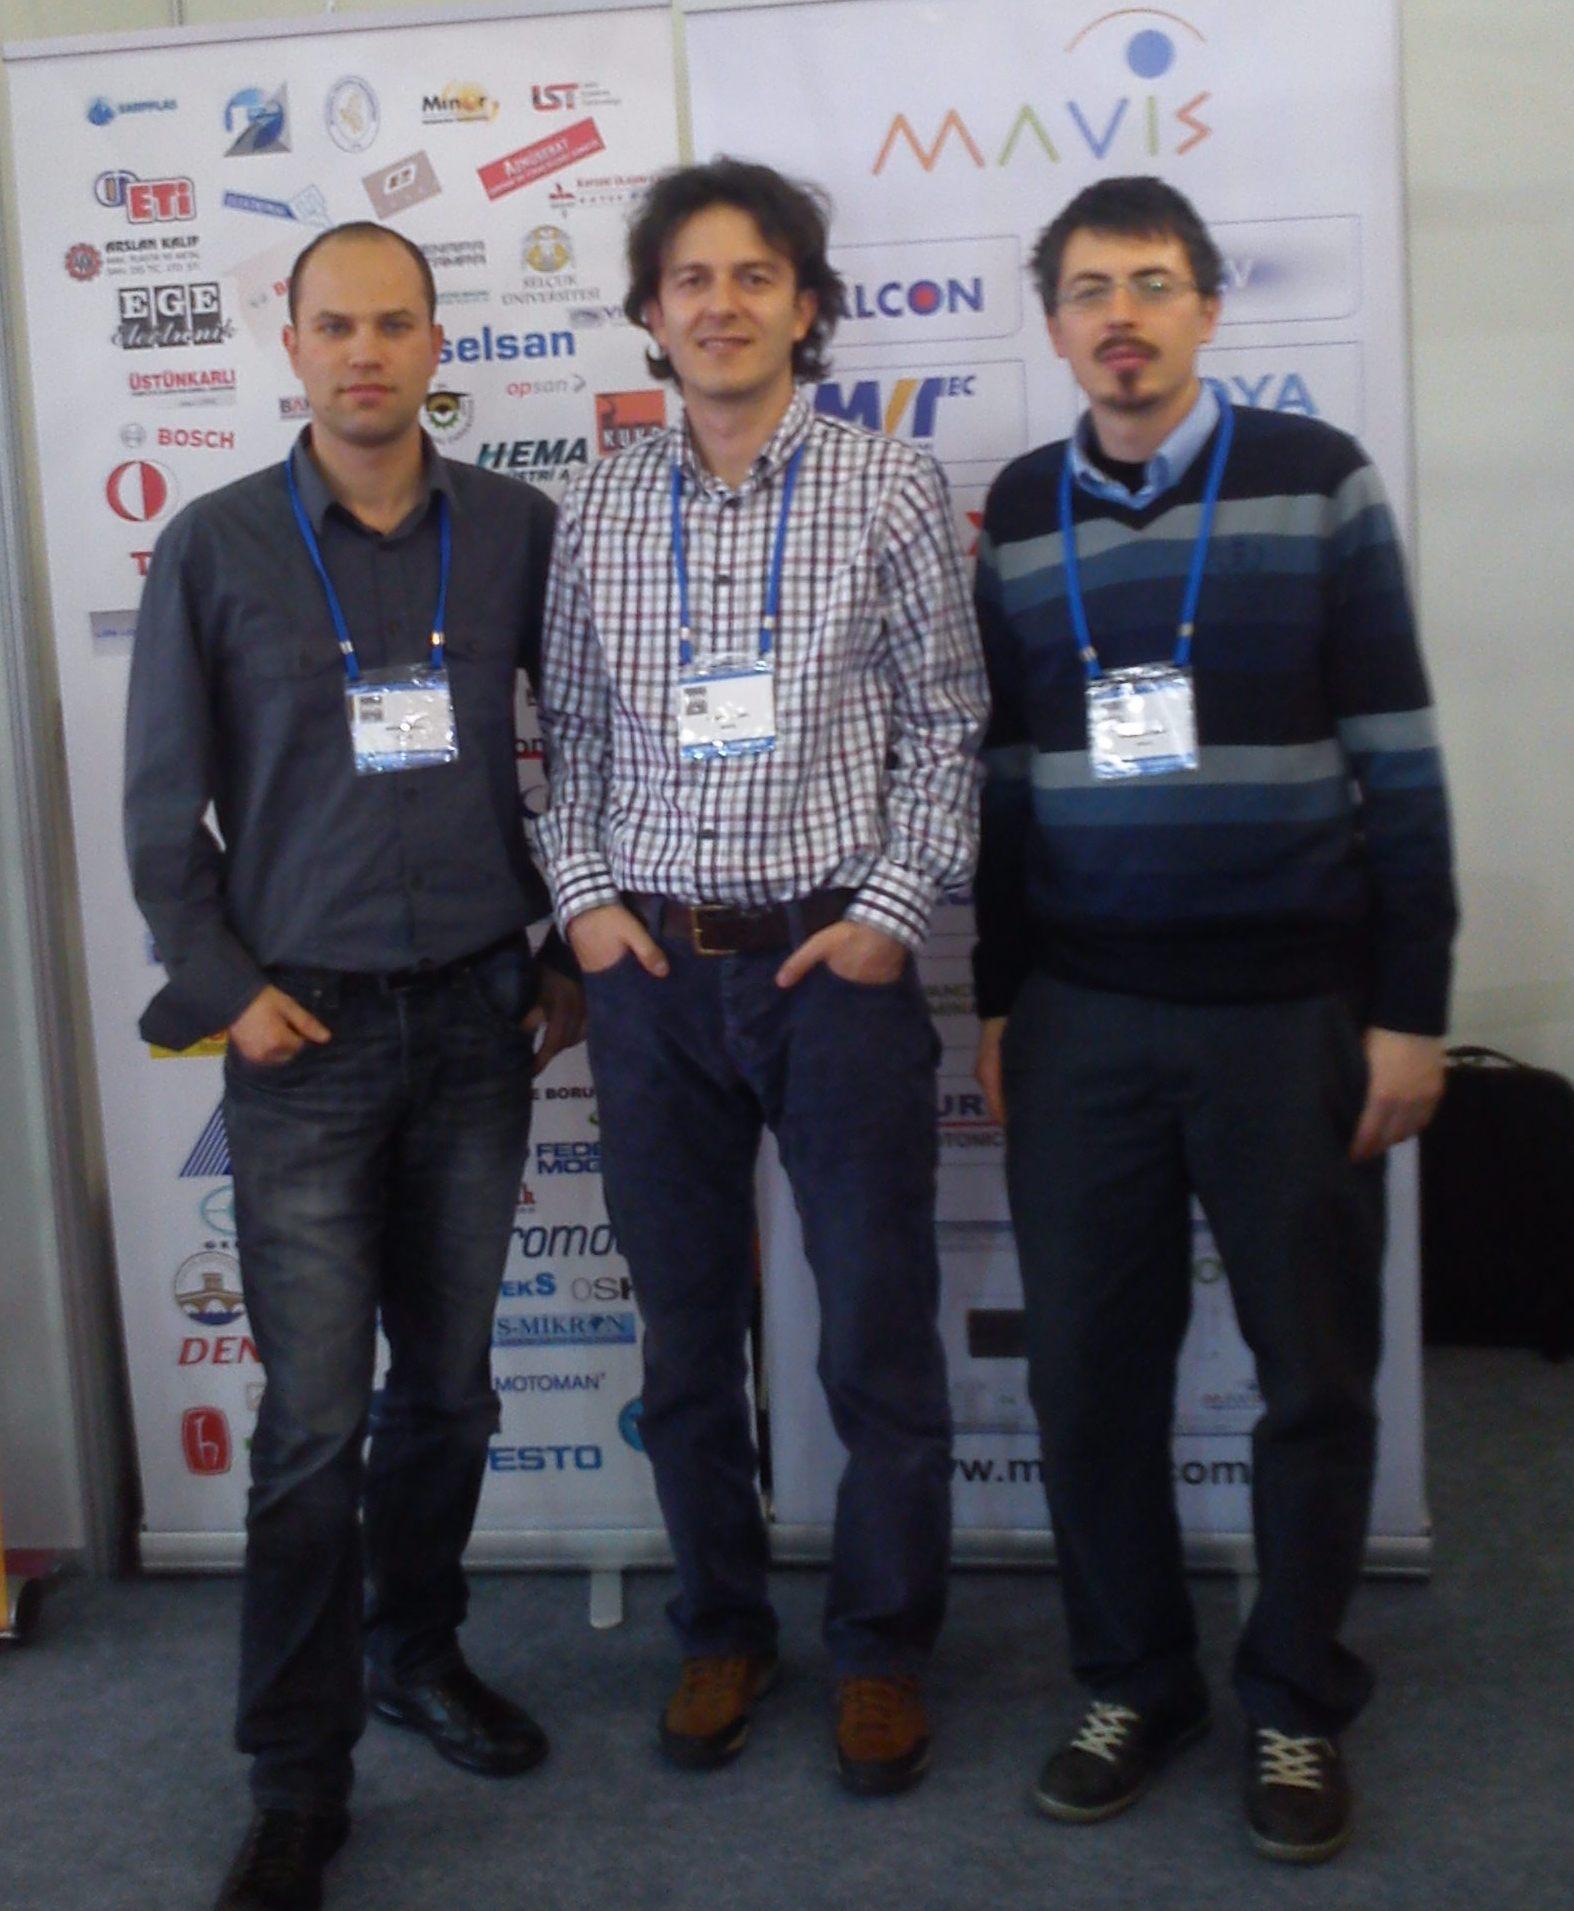 Soldan Sağa : Kağan Arıcı, Mustafa Sarı, Aydoğan Akçay